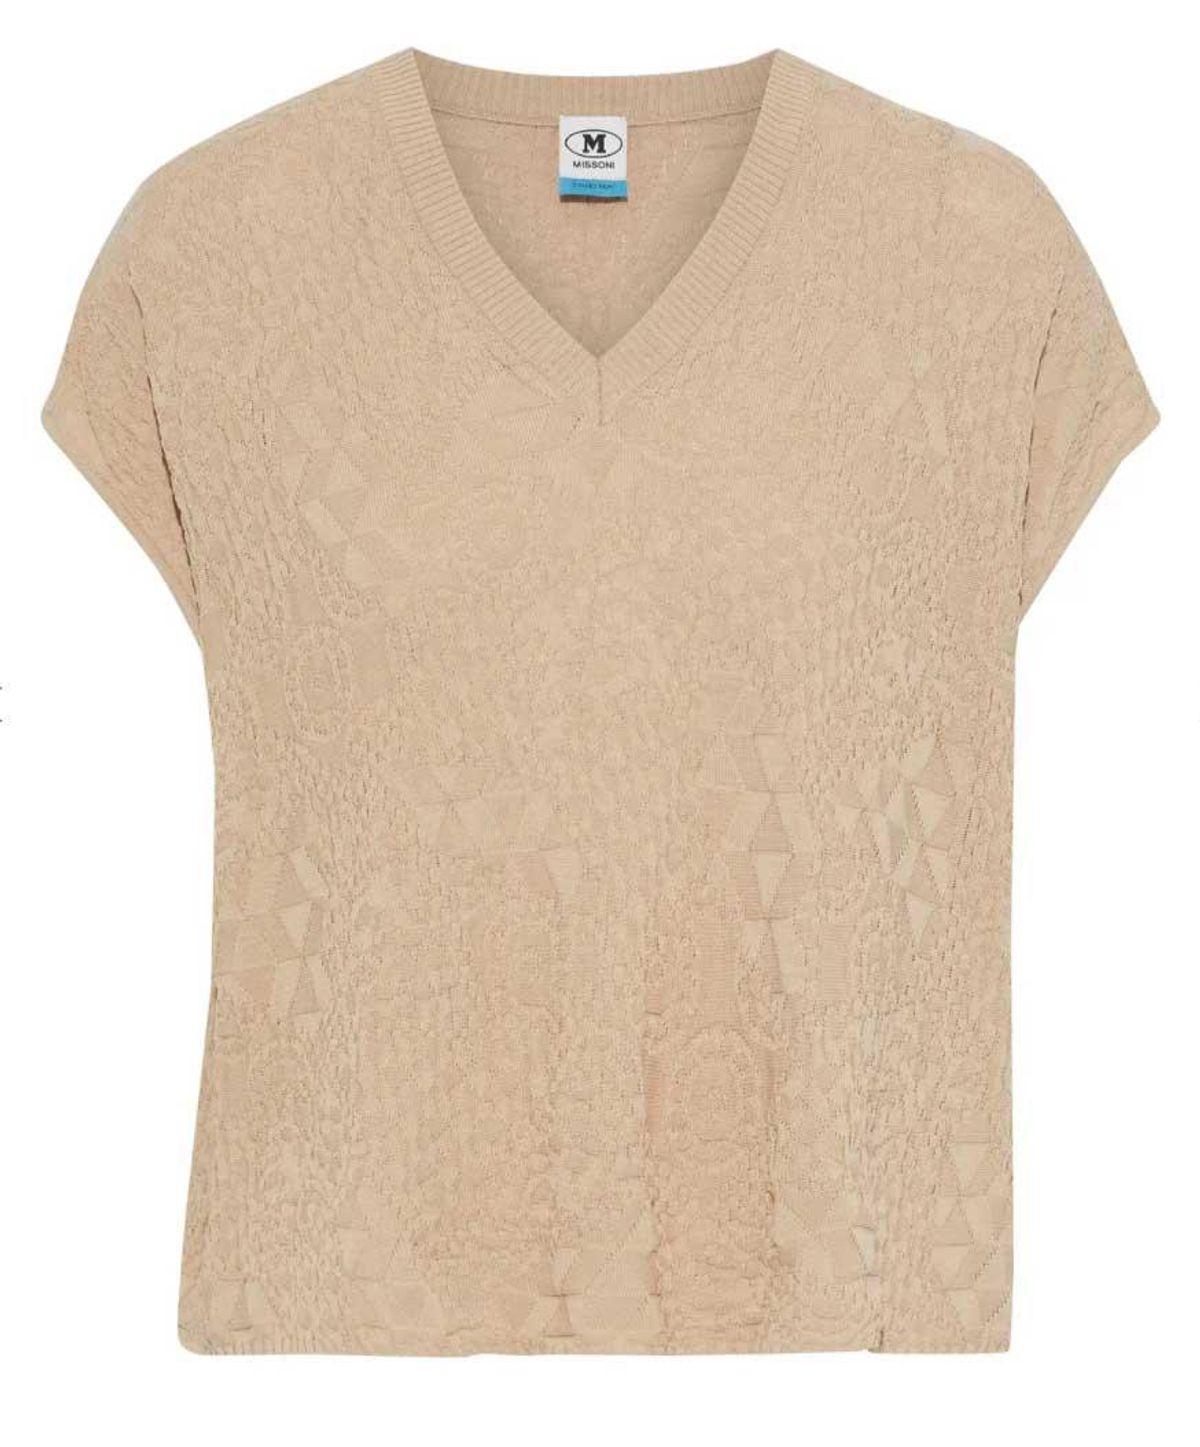 m missoni crochet knit cotton top